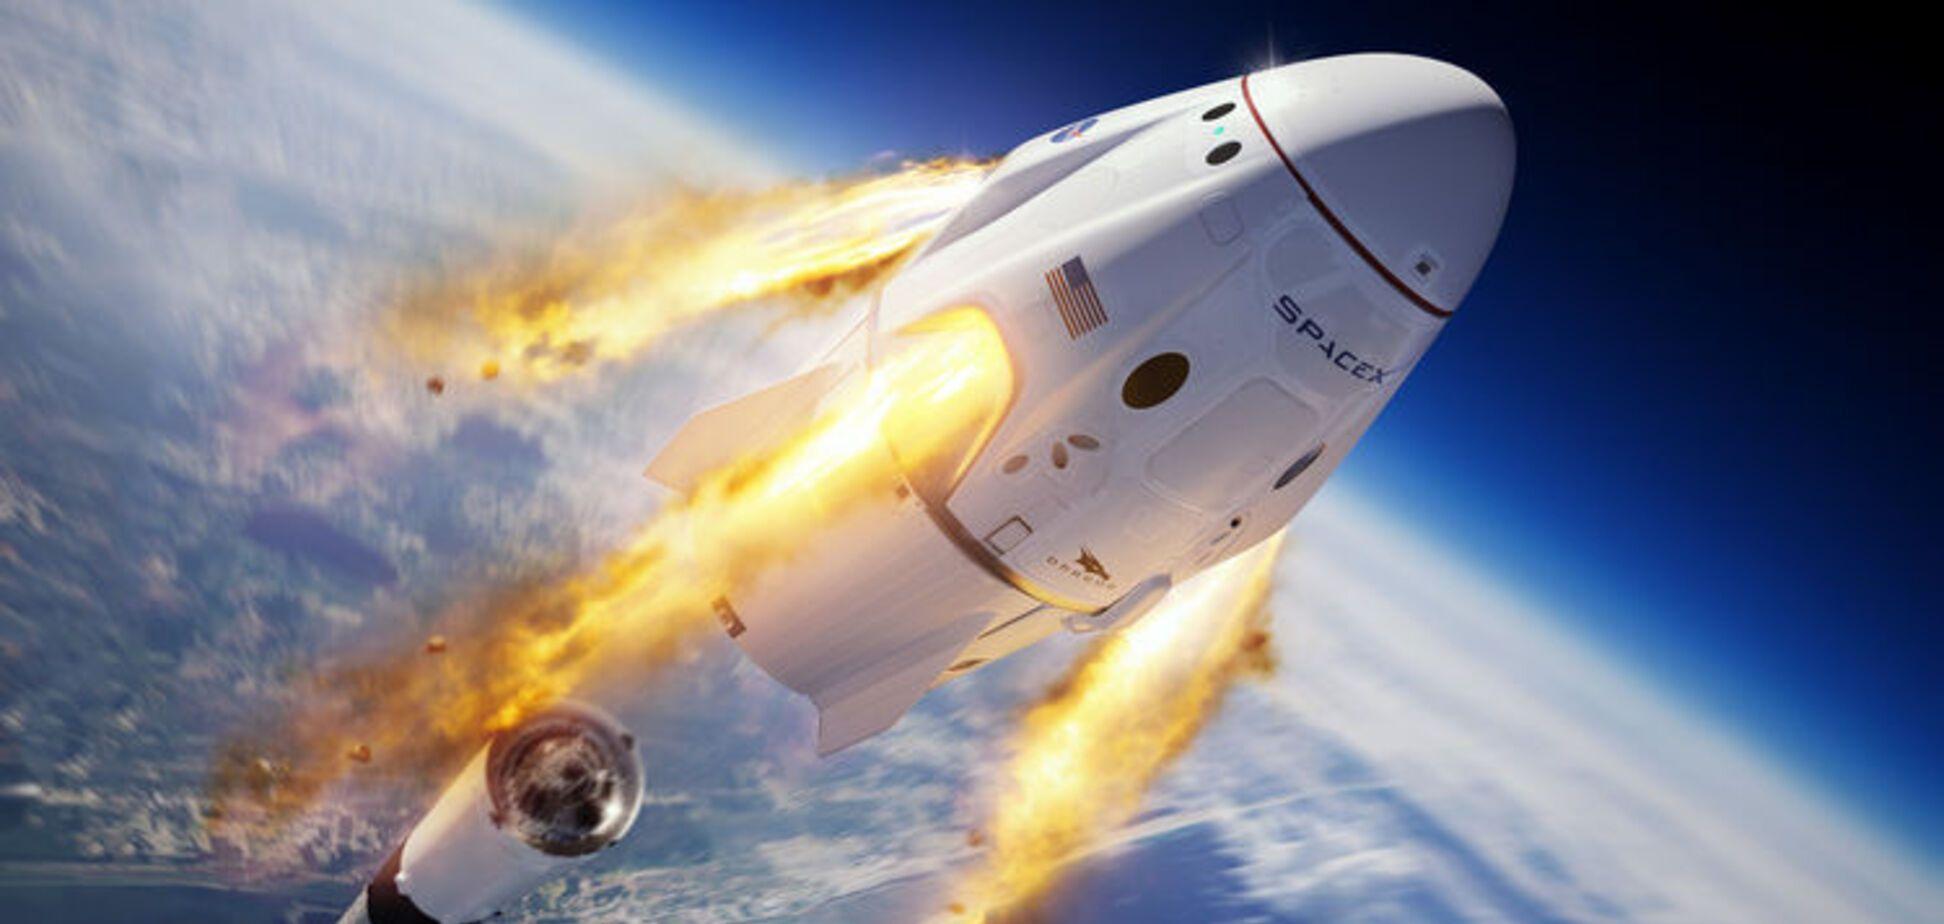 Батут — так батут! О SpaceX Crew Dragon, новой реальности для Роскосмоса и троллинге Илона Маска